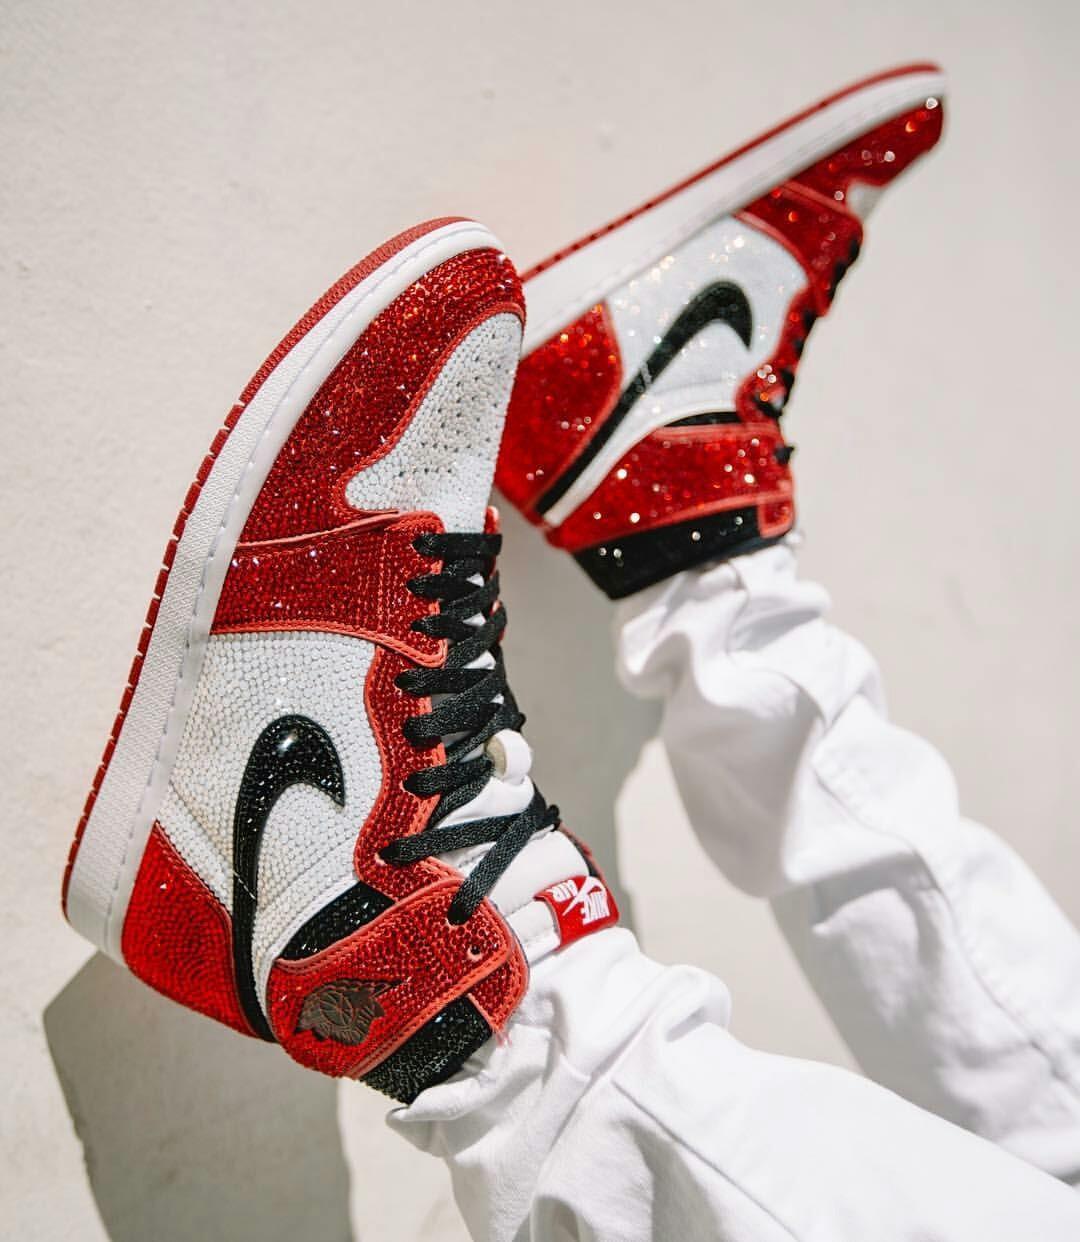 Nike Air Jordan Tumblr Wallpapers Wallpaper Cave